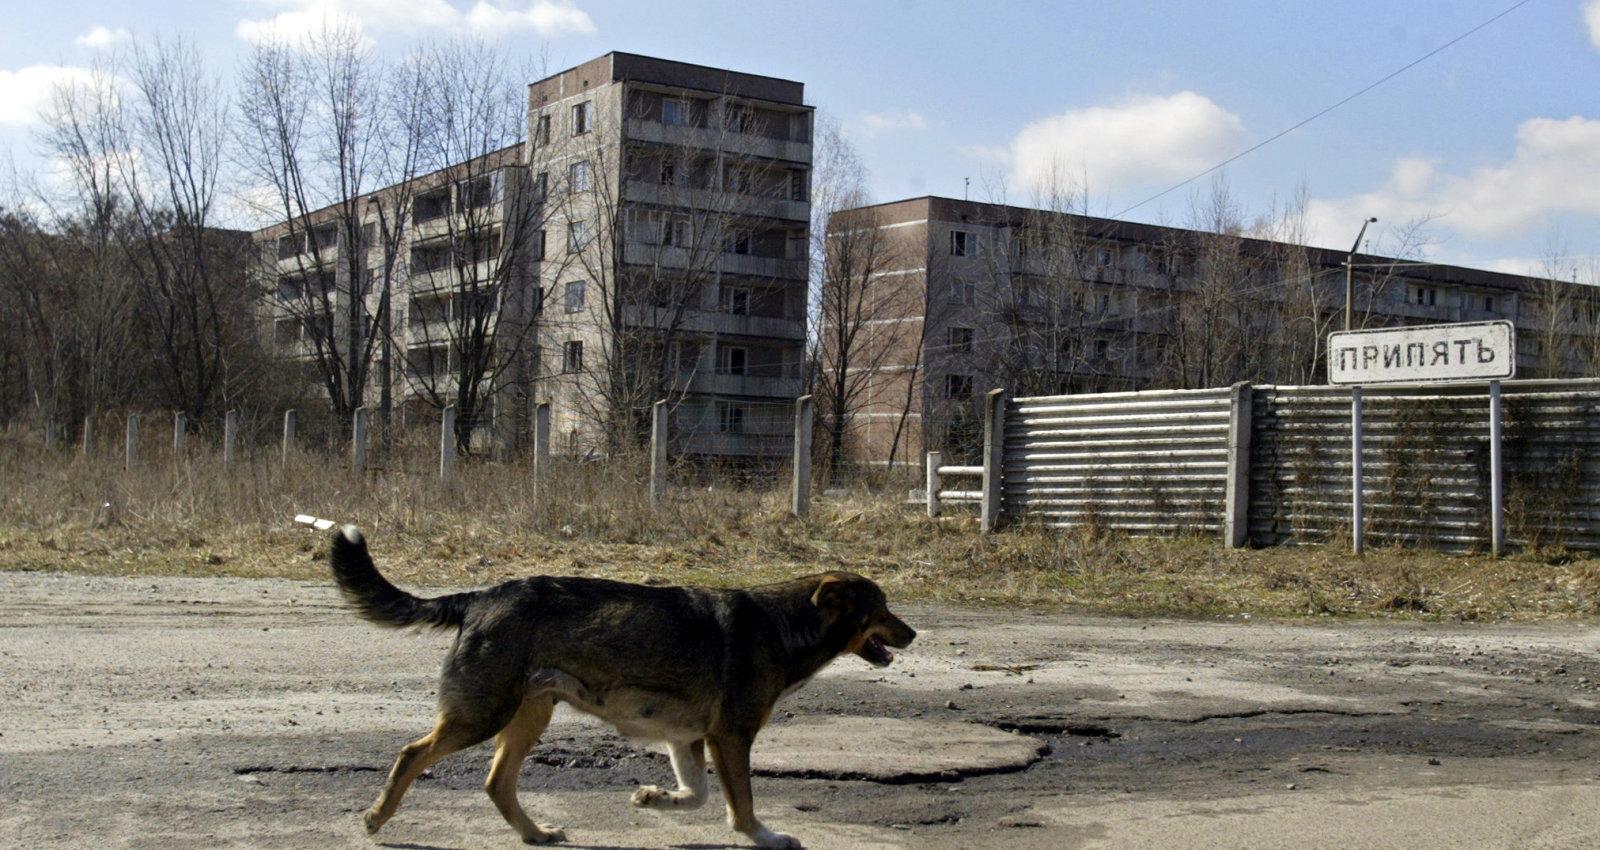 Atslepenoti VDK dokumenti: Ietiepīgus Černobiļas iedzīvotājus neizdodas pārvietot pat ar spēku un rupjību